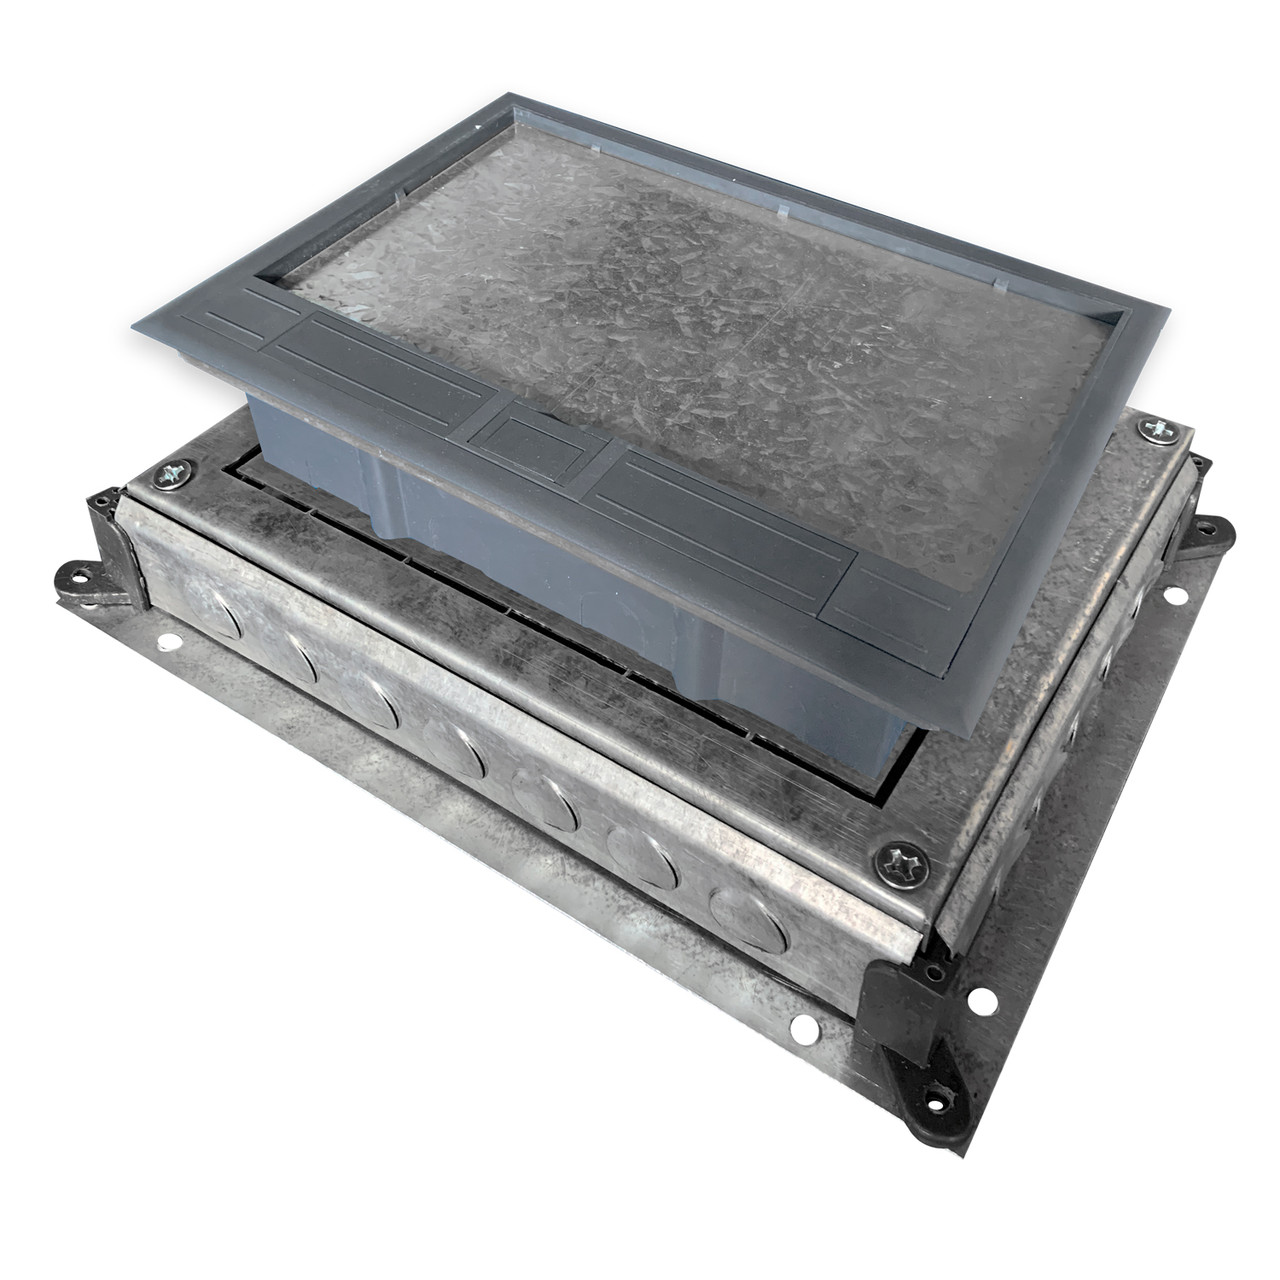 Монтажное основание под заливку в бетон, для лючка HTD-628, размер 410Х315 мм